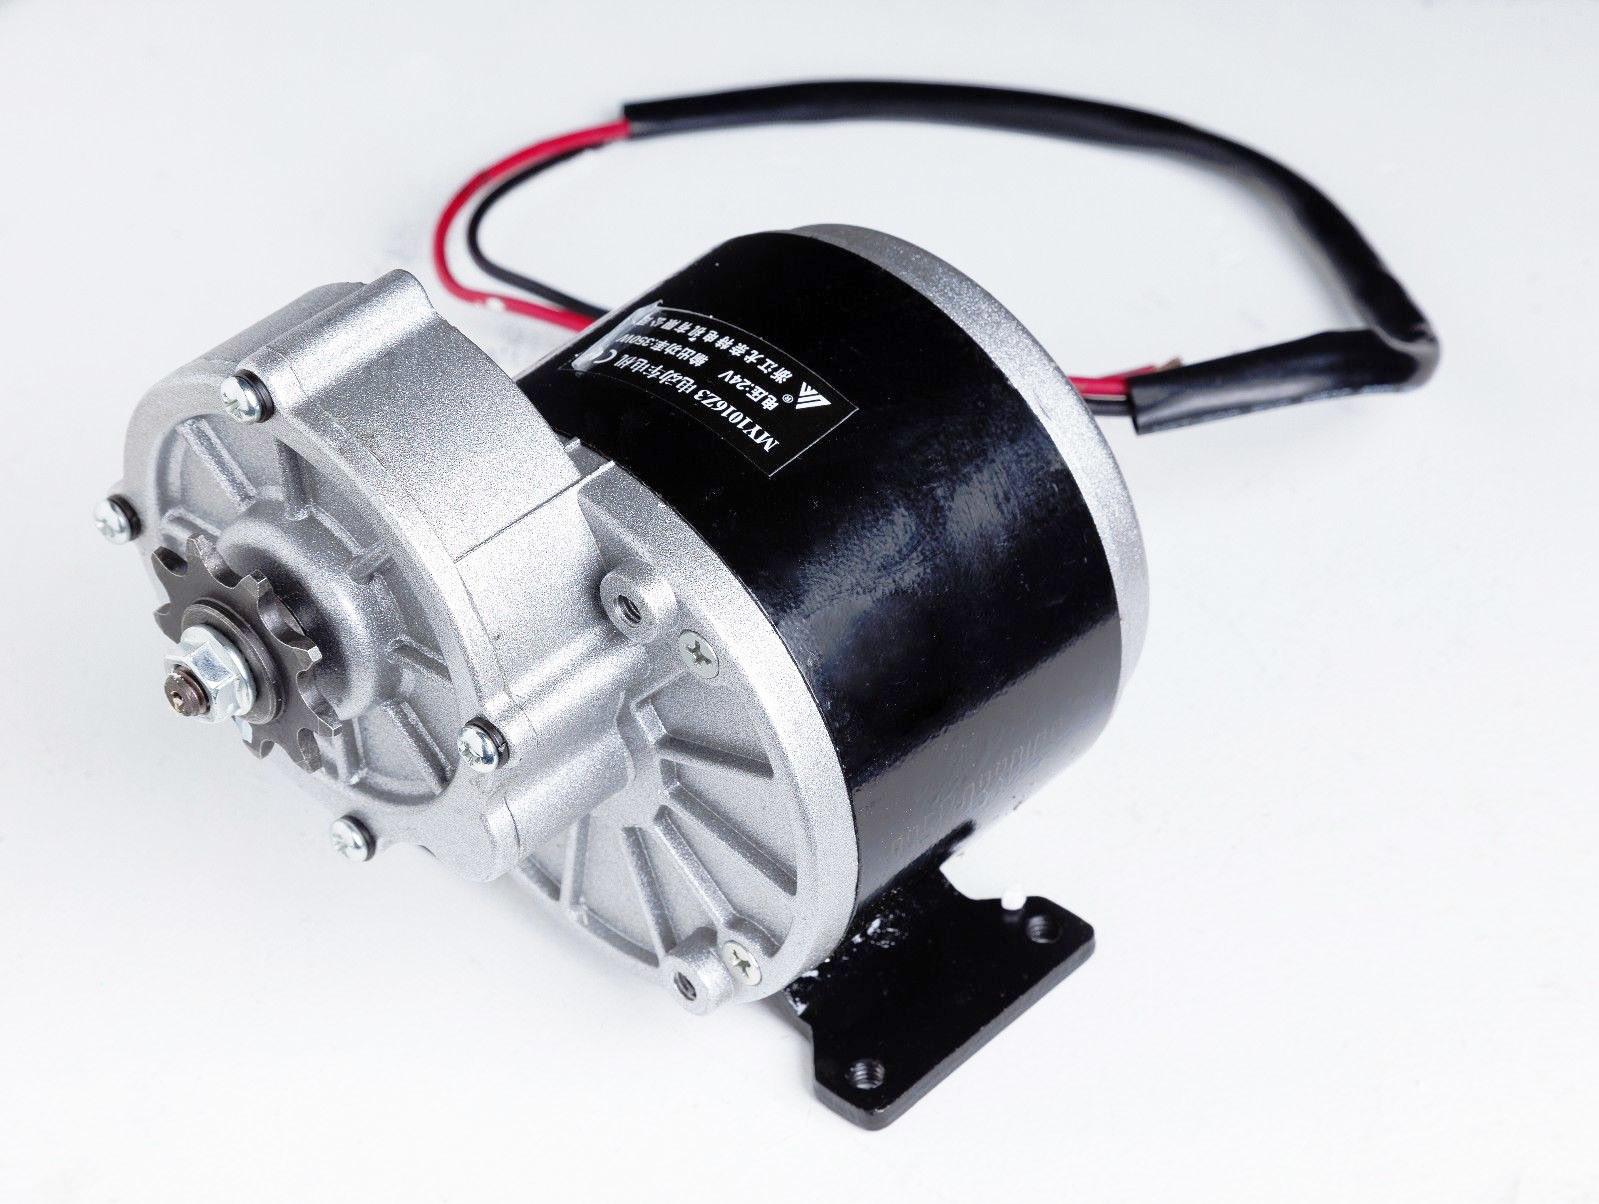 Moteur lectrique my1016z3 de vitesse de 24v 350w moteur for 12 volt motor go kart